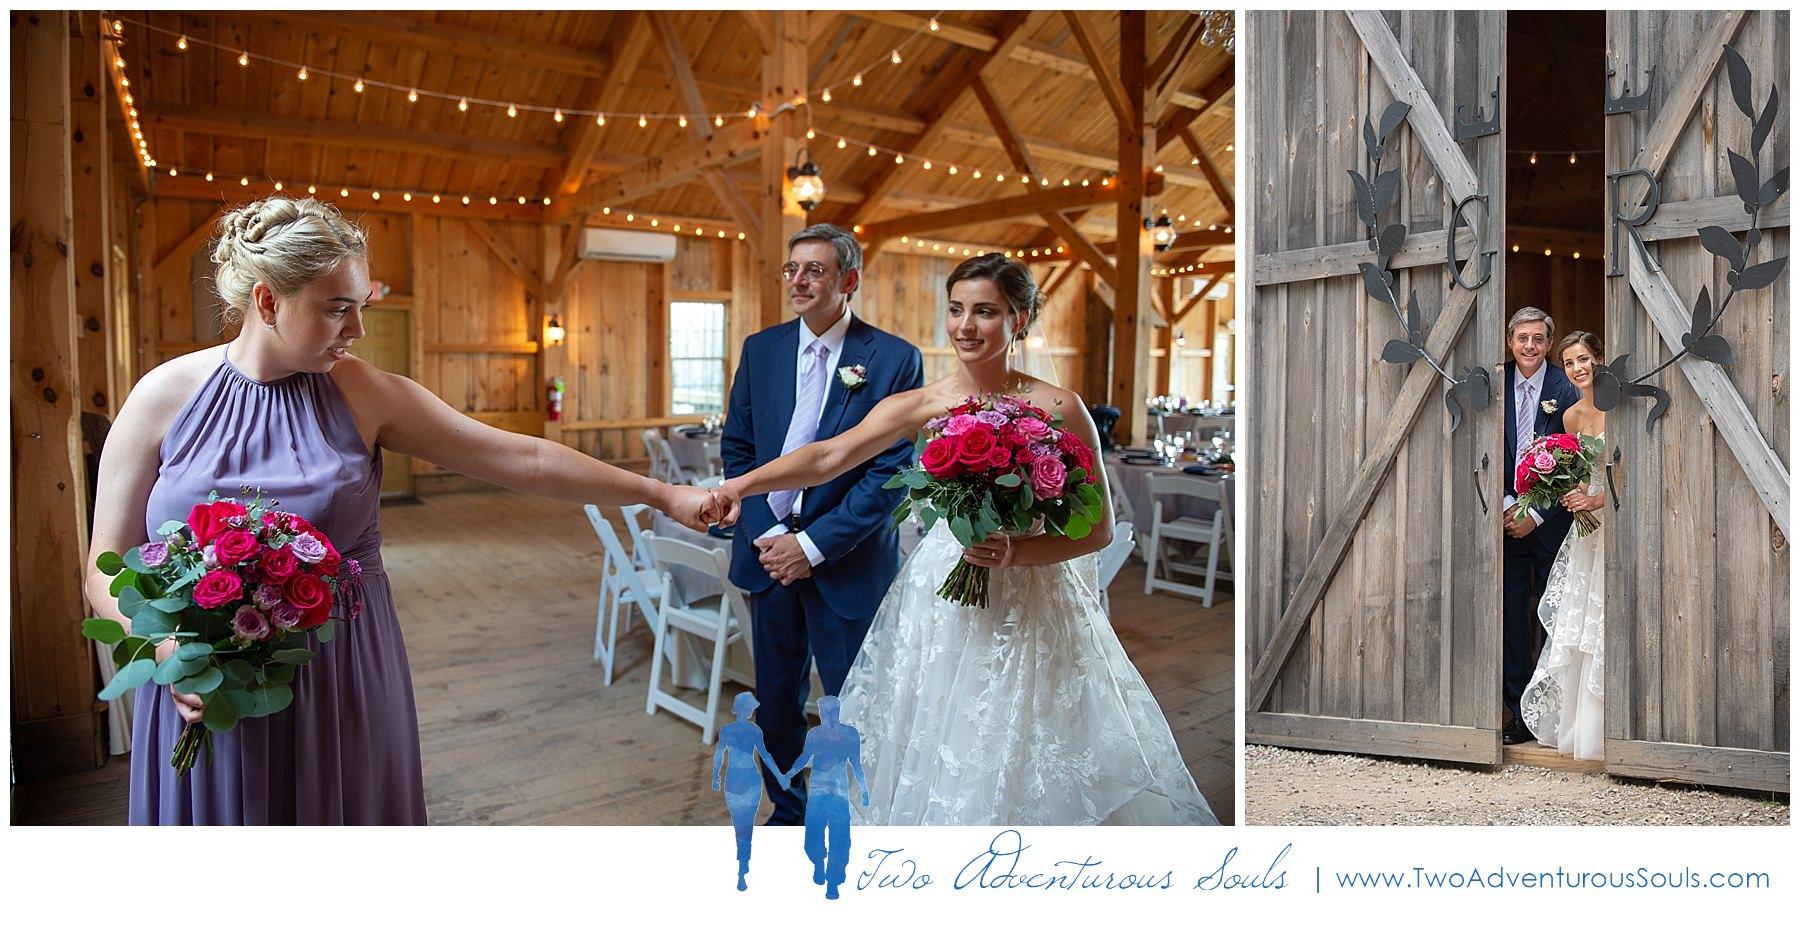 Maine Wedding Photographers, Granite Ridge Estate Wedding Photographers, Two Adventurous Souls - 080319_0033.jpg